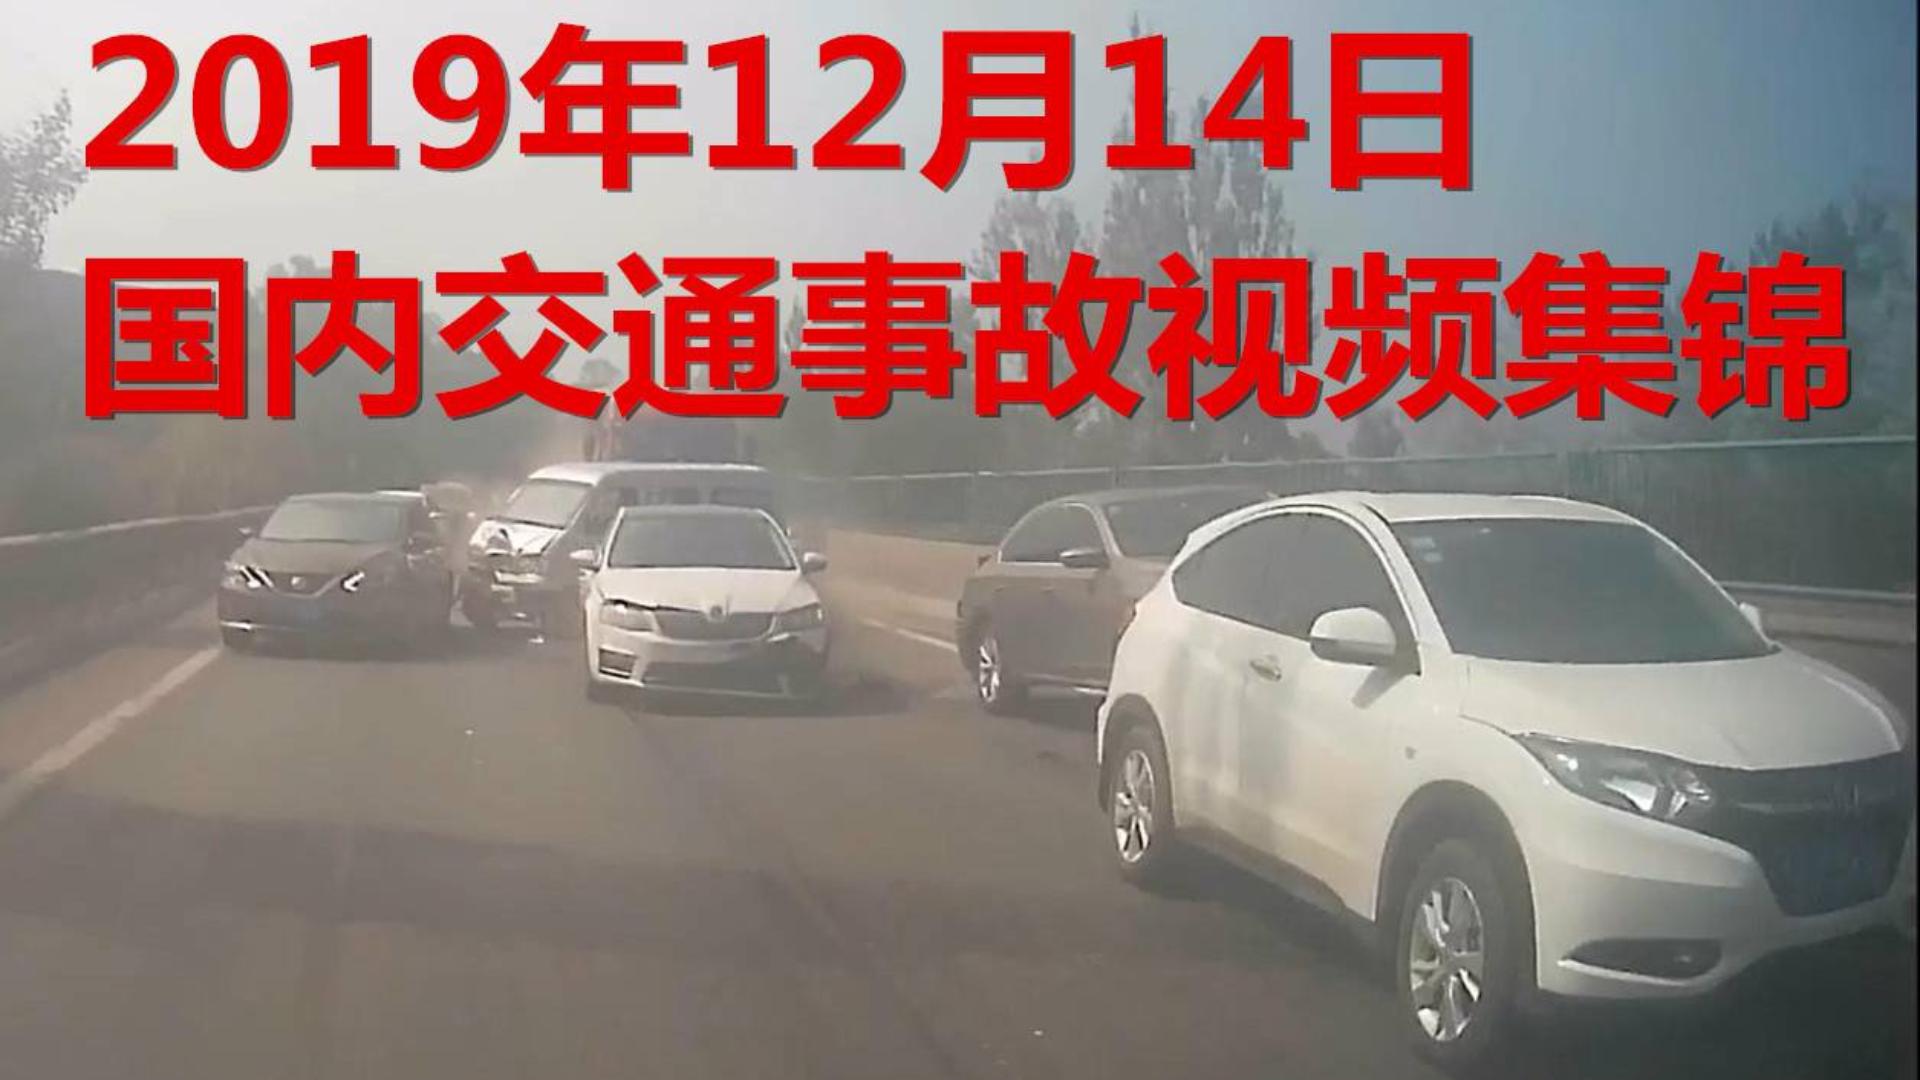 2019年12月14日国内交通事故视频集锦